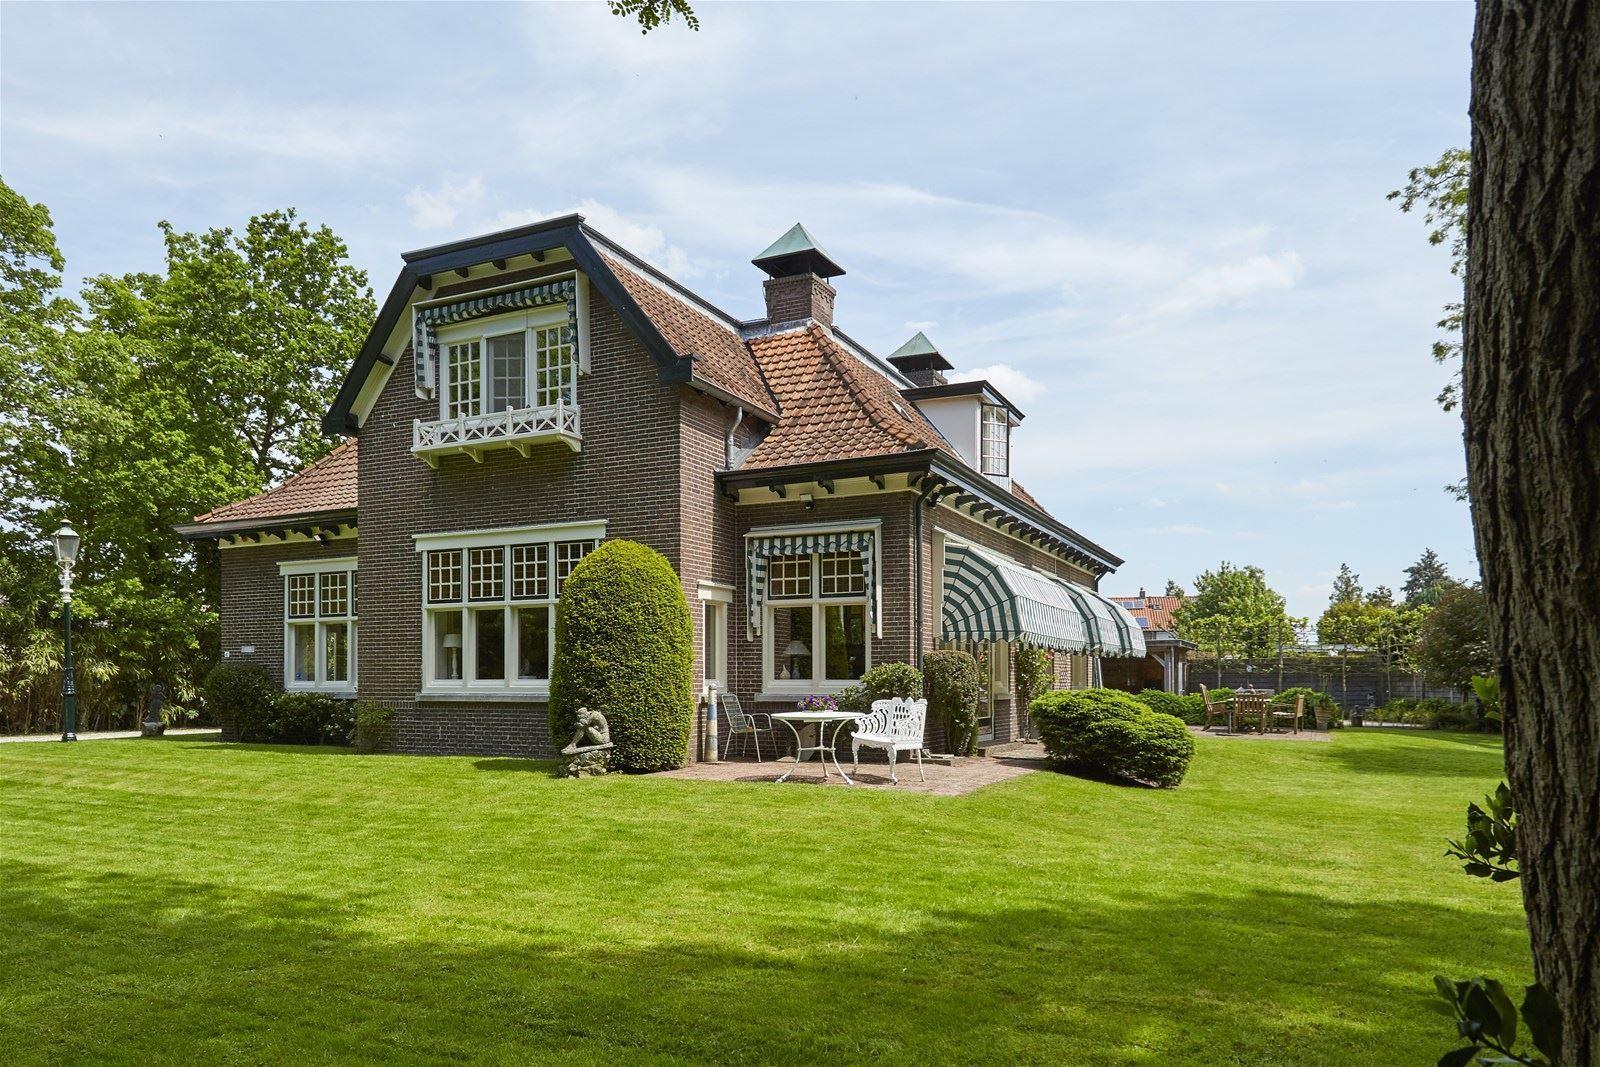 Nhà ở quê đẹp yên bình với những khoảng không gian ngập tràn ánh sáng - Ảnh 5.